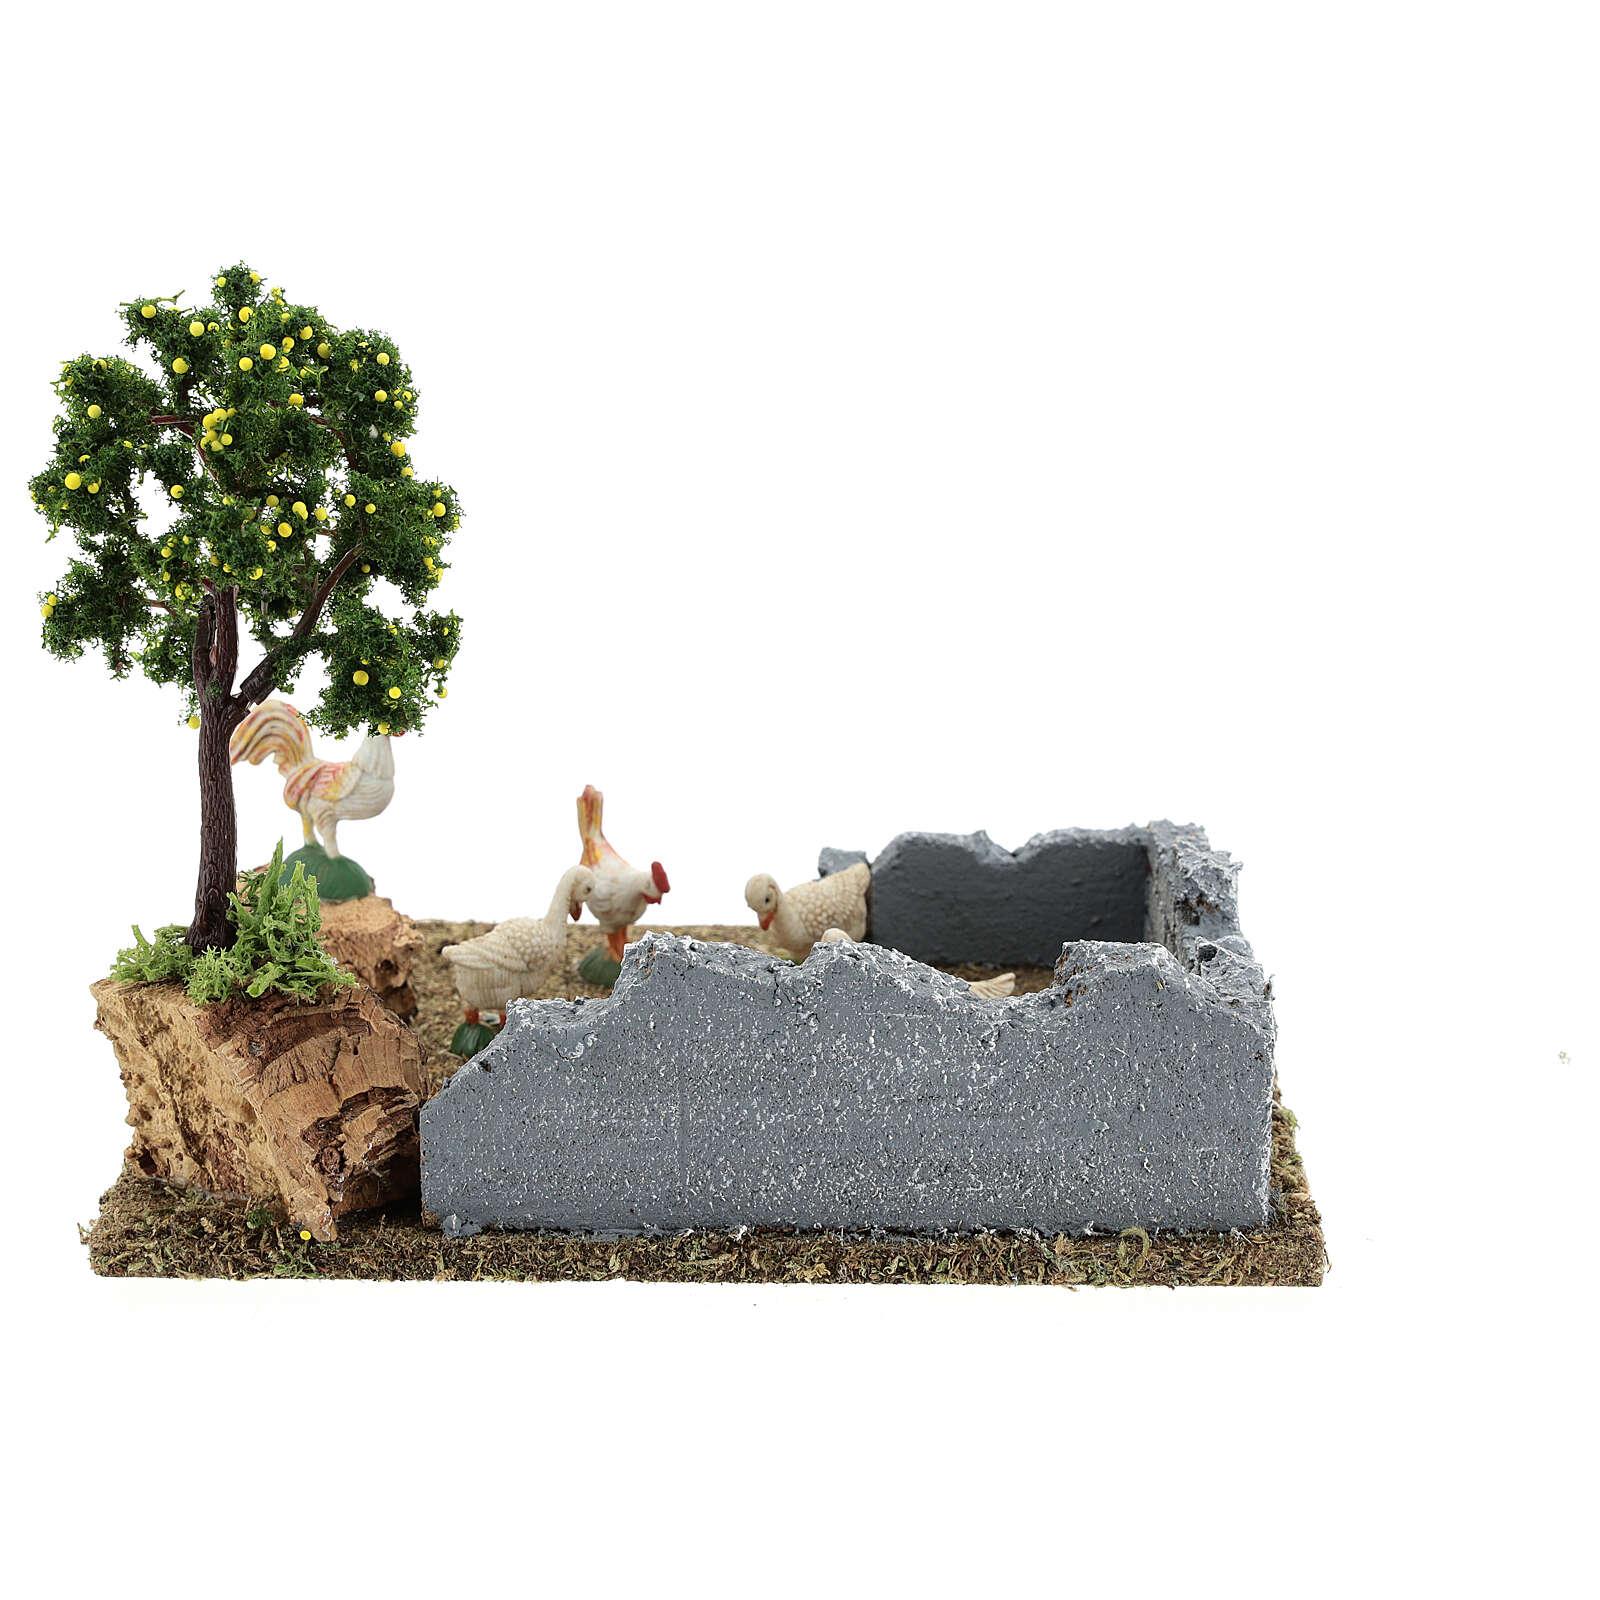 Gallinero con árbol limones belén 8-12 cm 20x15x15 cm 4